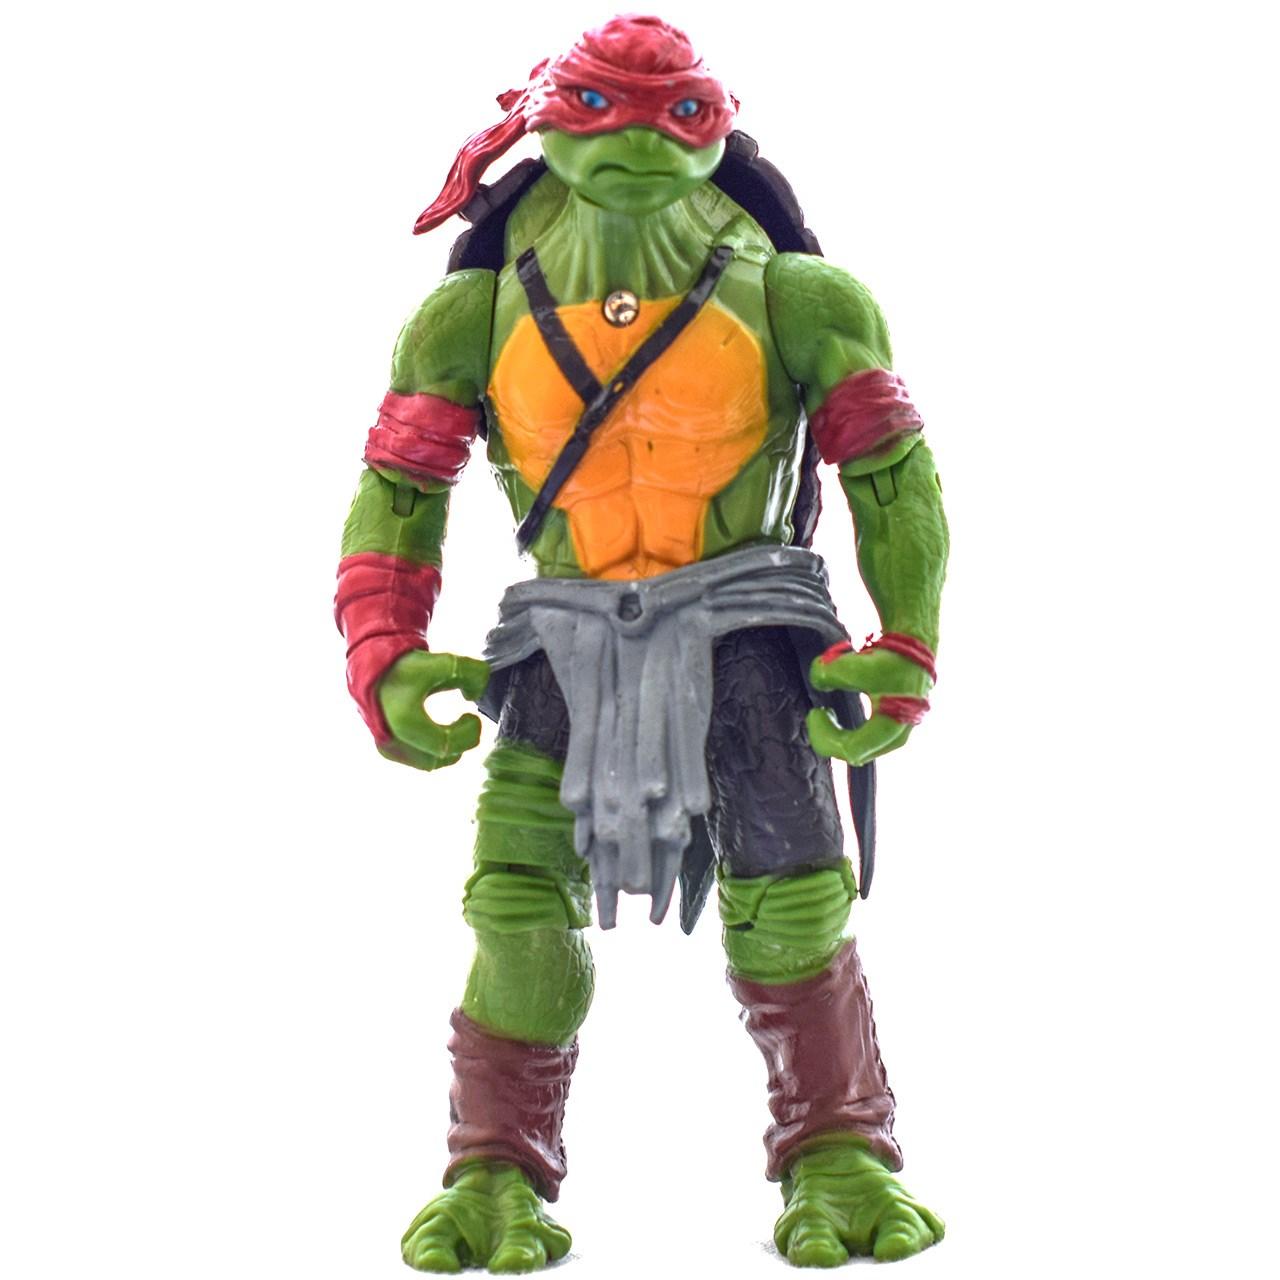 اکشن فیگور آناترا سری Ninja Turtles مدل Raphael